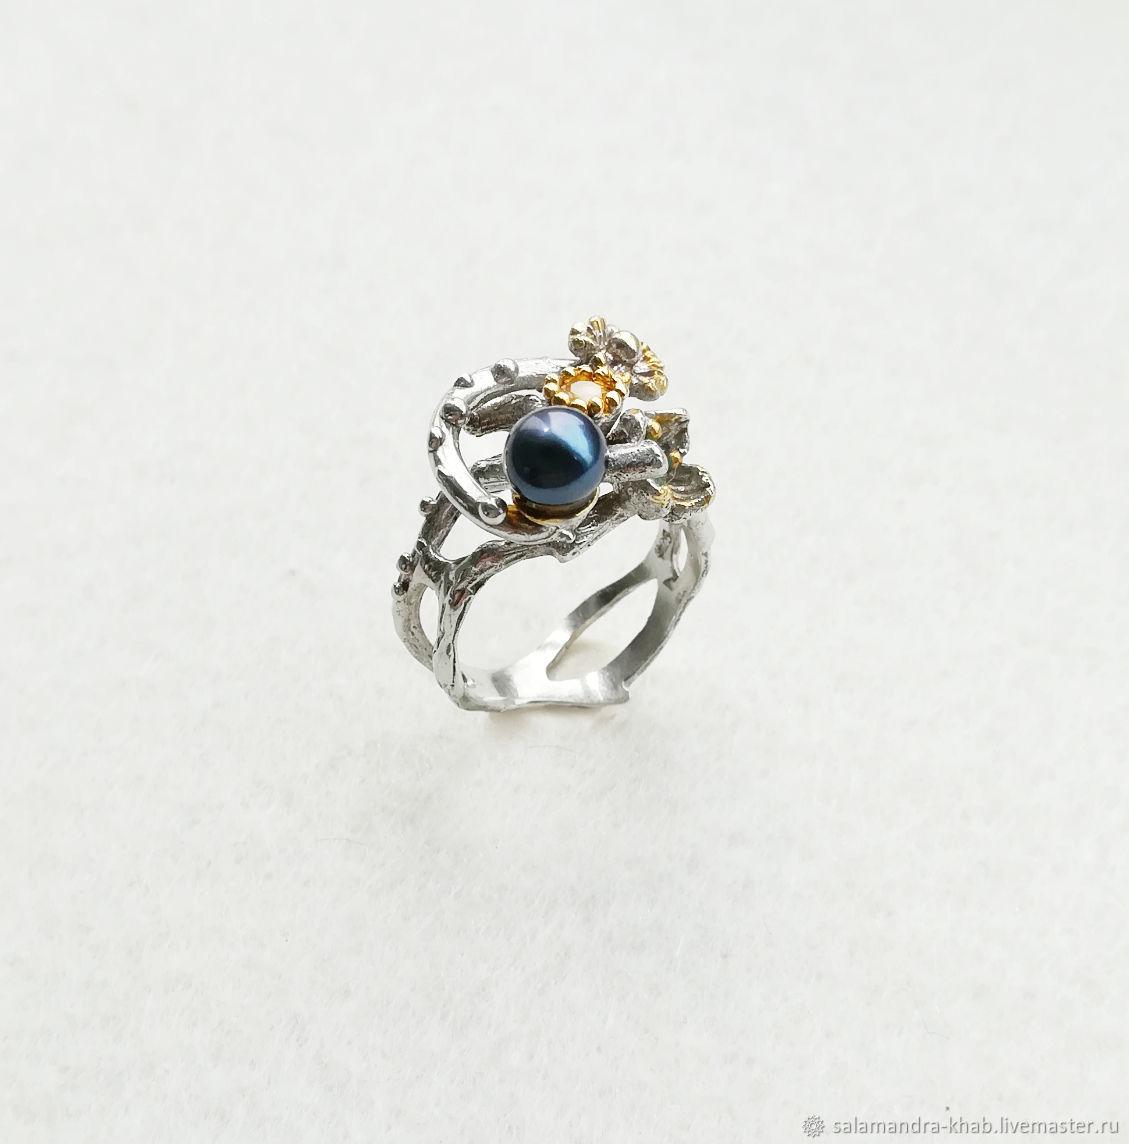 Кольцо с натуральным жемчугом, изумрудом, цитрином. Серебро 925 пробы, Кольца, Хабаровск,  Фото №1